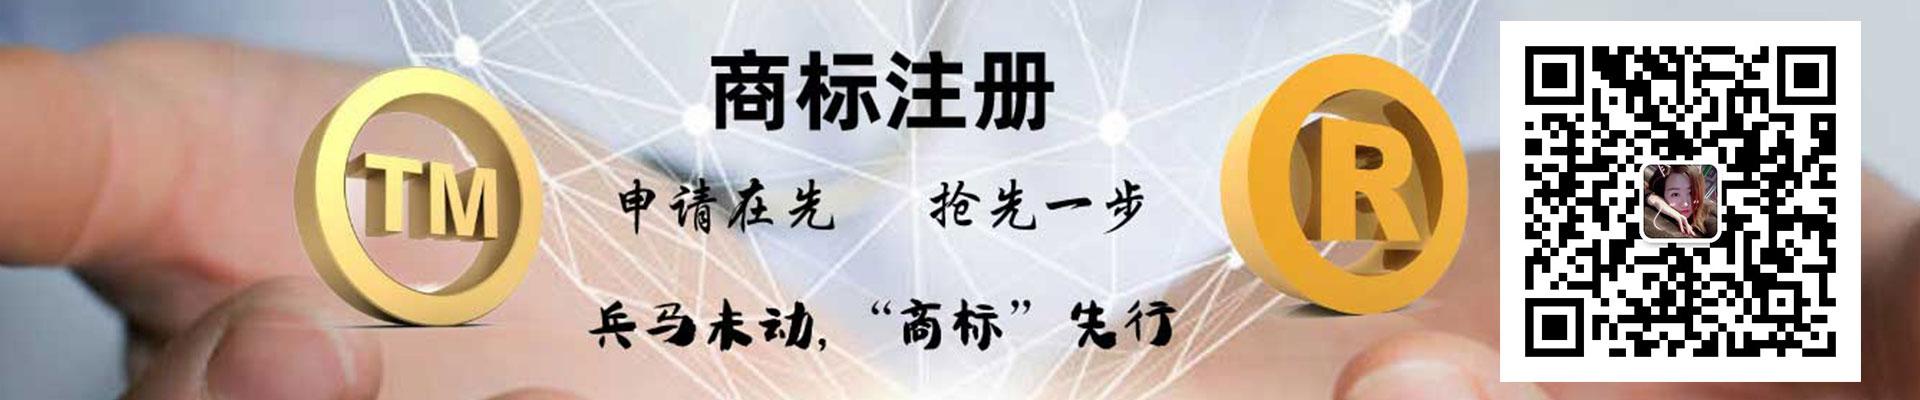 南昌商标注册优质服务商